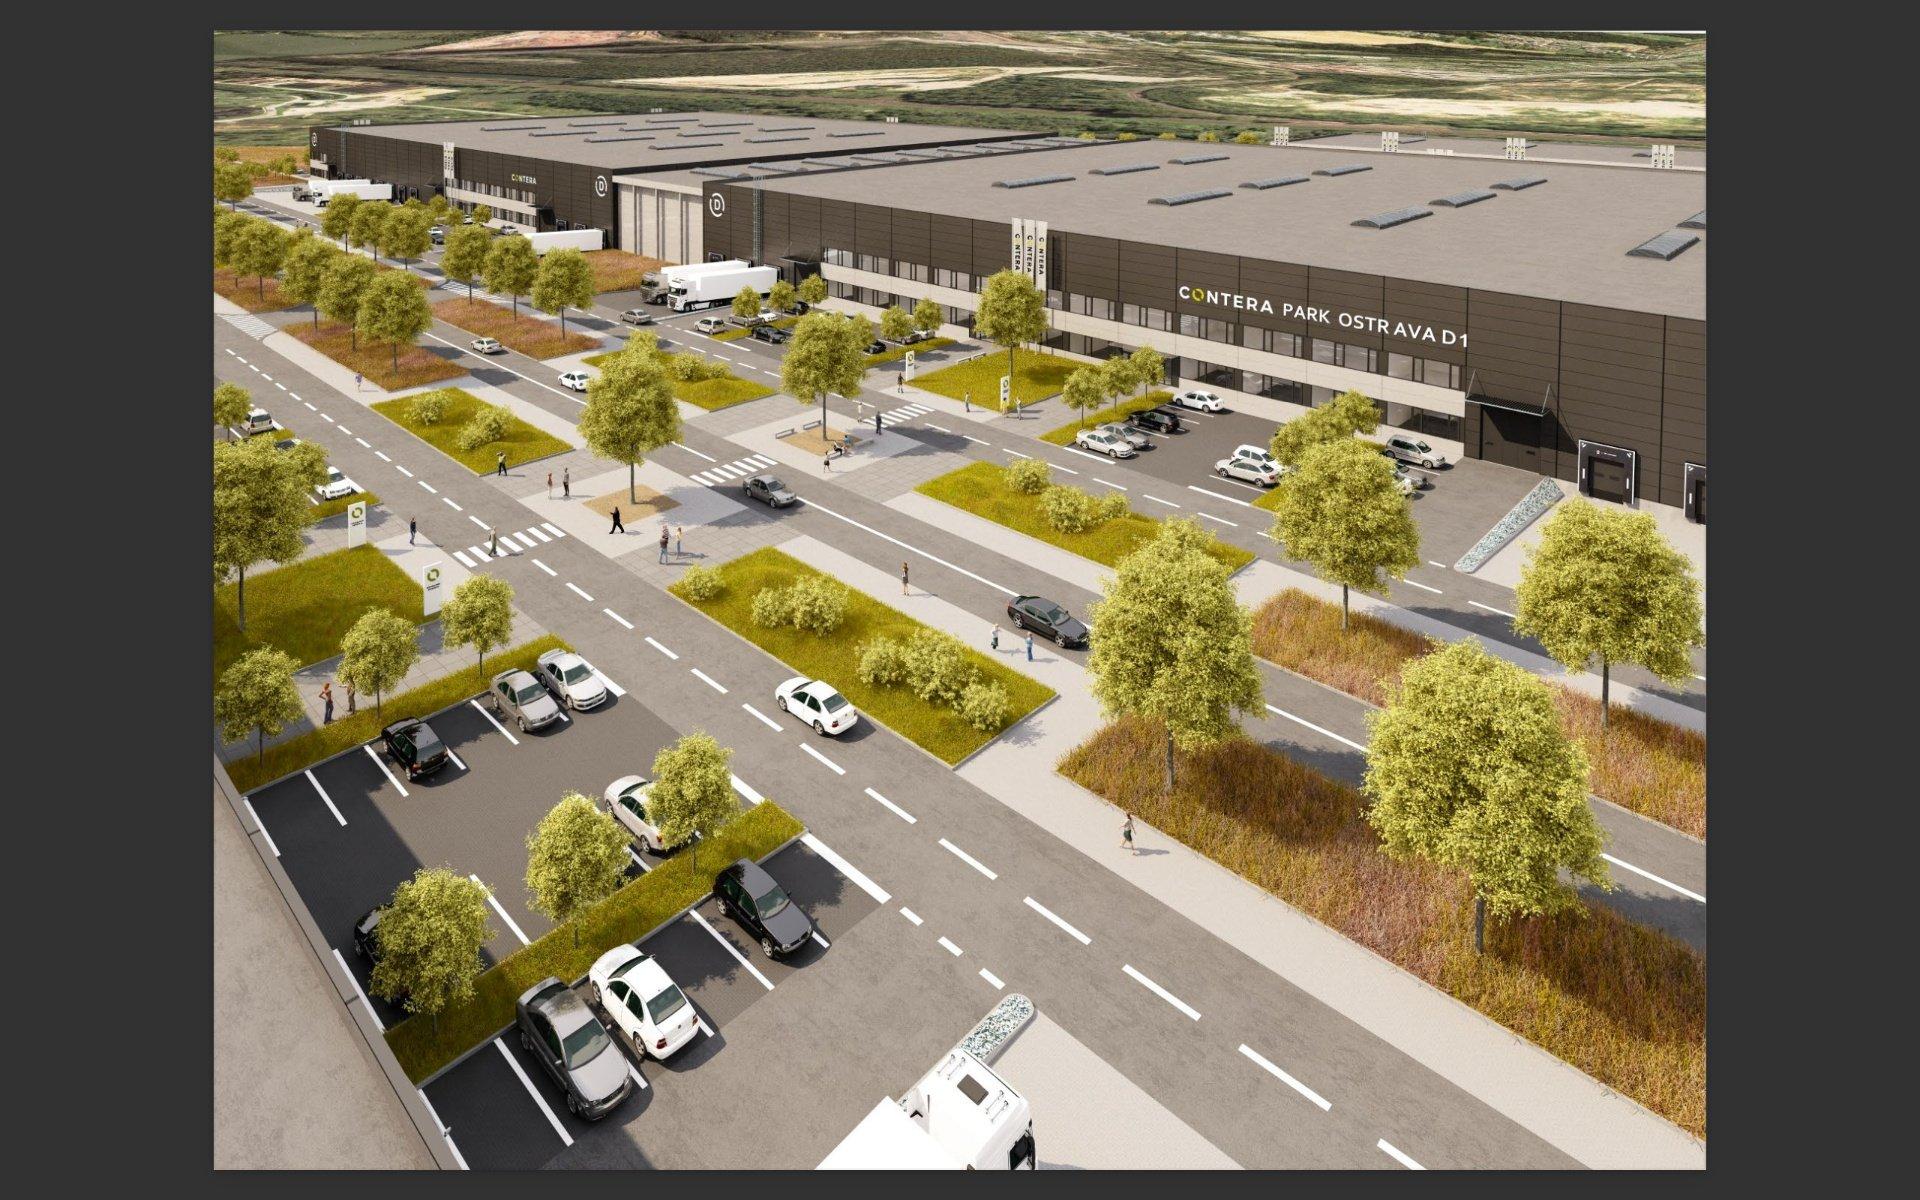 Contera Park Ostrava D1 - Anmietung moderner Lager- und Produktionsflächen